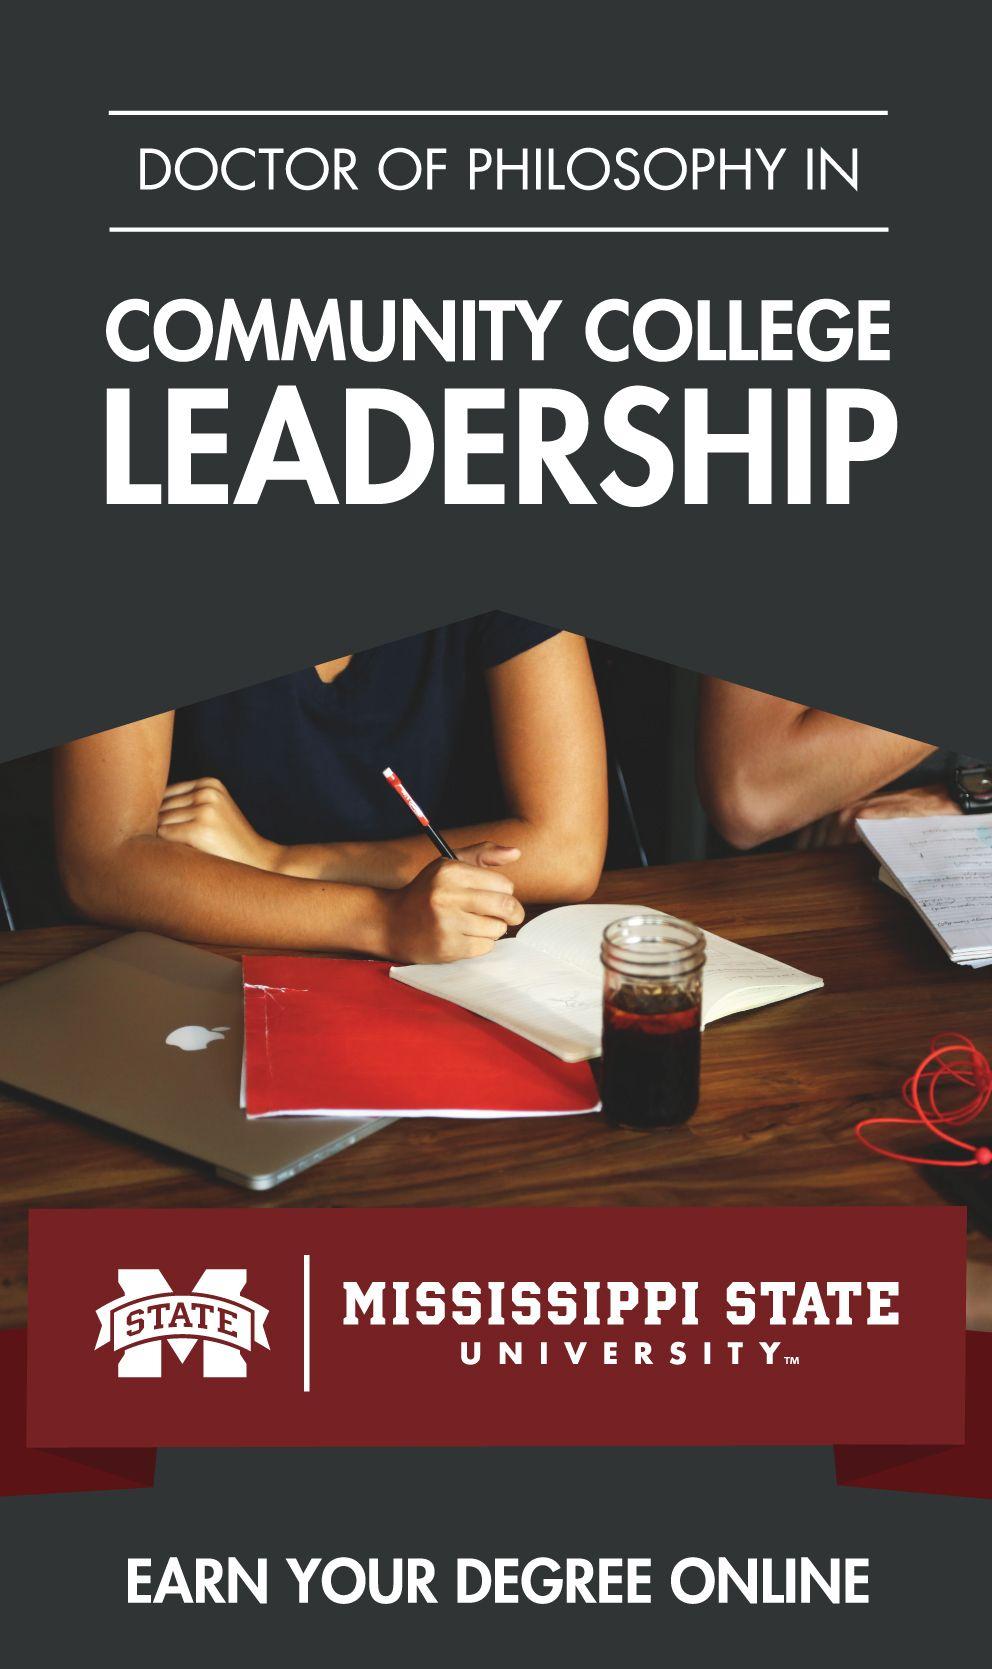 Mississippi State's Ph.D. degree program in Community